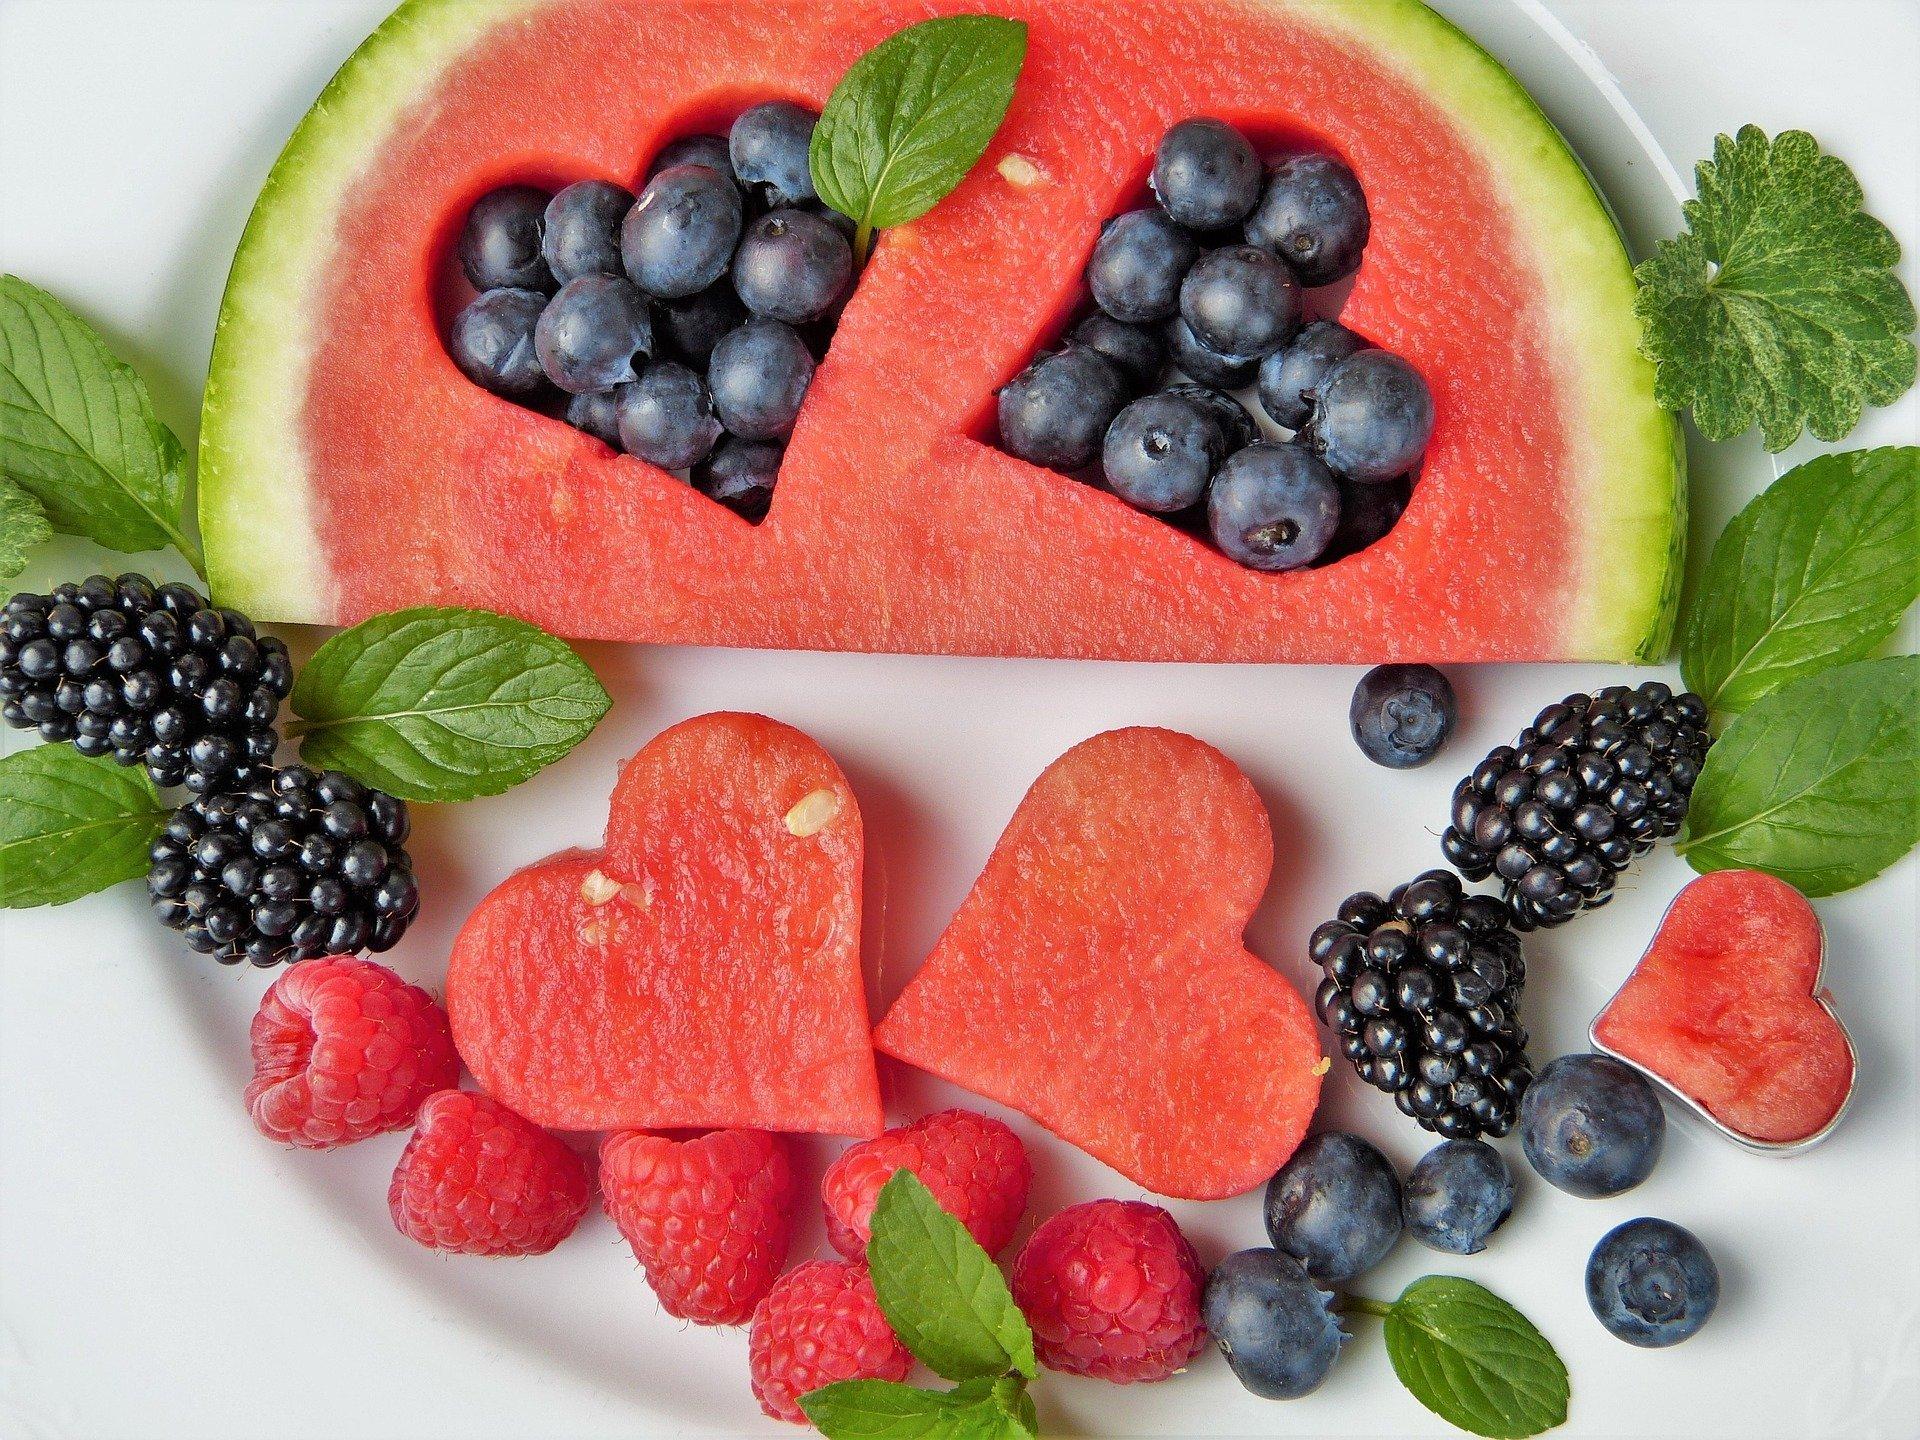 alimentazione sana dieta alimenti benessere mangiare pranzo cena frutta verdura erbe pasto naturale bio biologico radicali liberi antiradicali giovinezza angiage age salute cibo